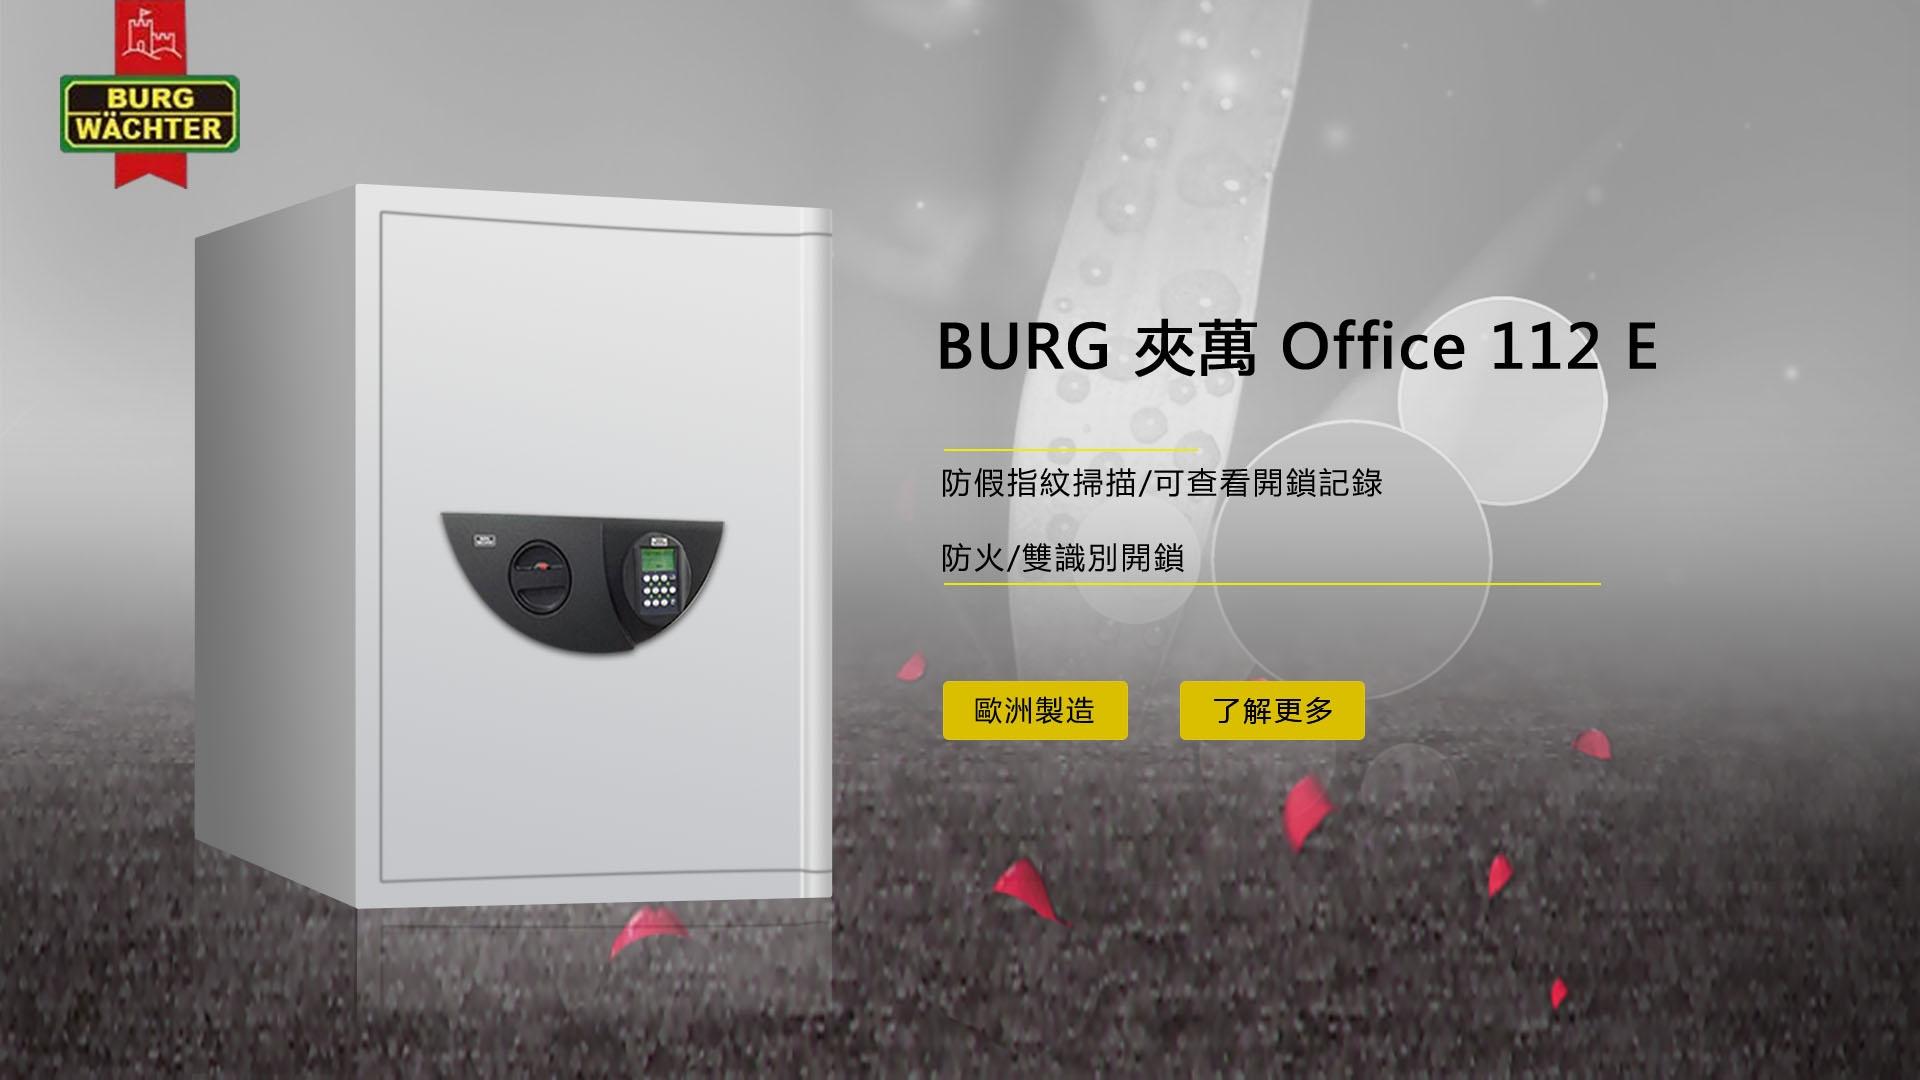 BURG Office 112 E